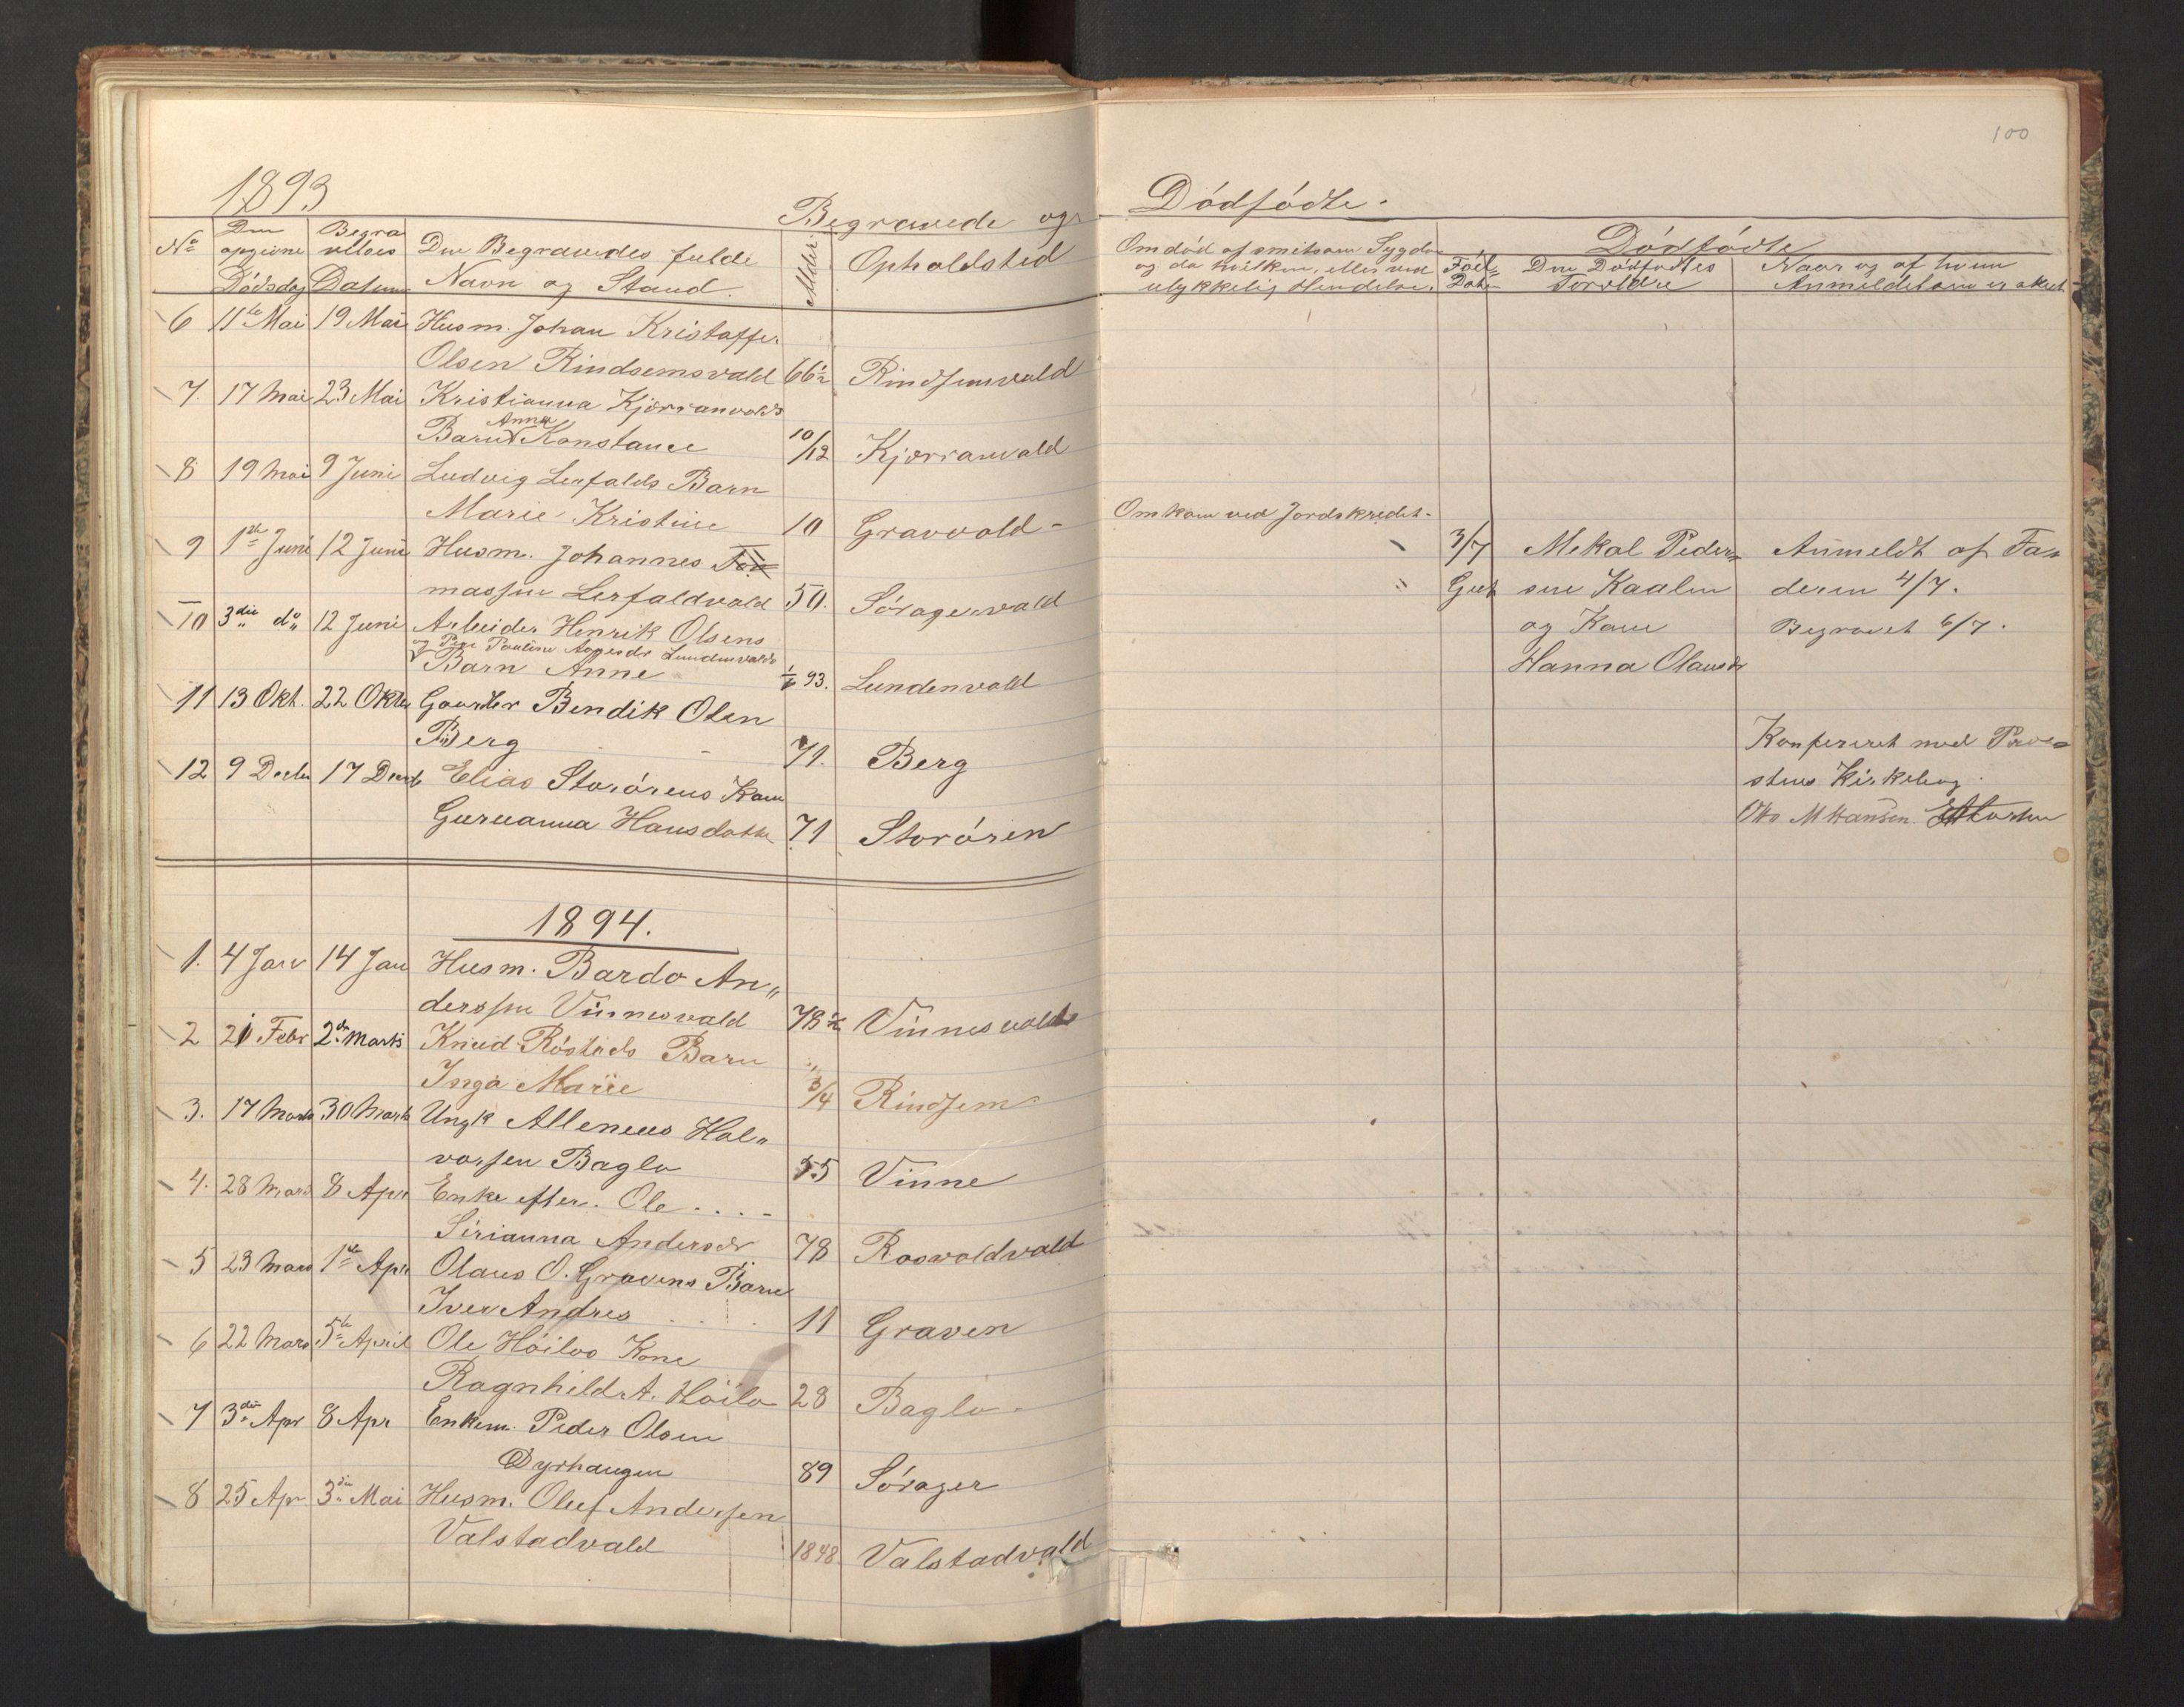 SAT, Ministerialprotokoller, klokkerbøker og fødselsregistre - Nord-Trøndelag, 726/L0271: Klokkerbok nr. 726C02, 1869-1897, s. 100